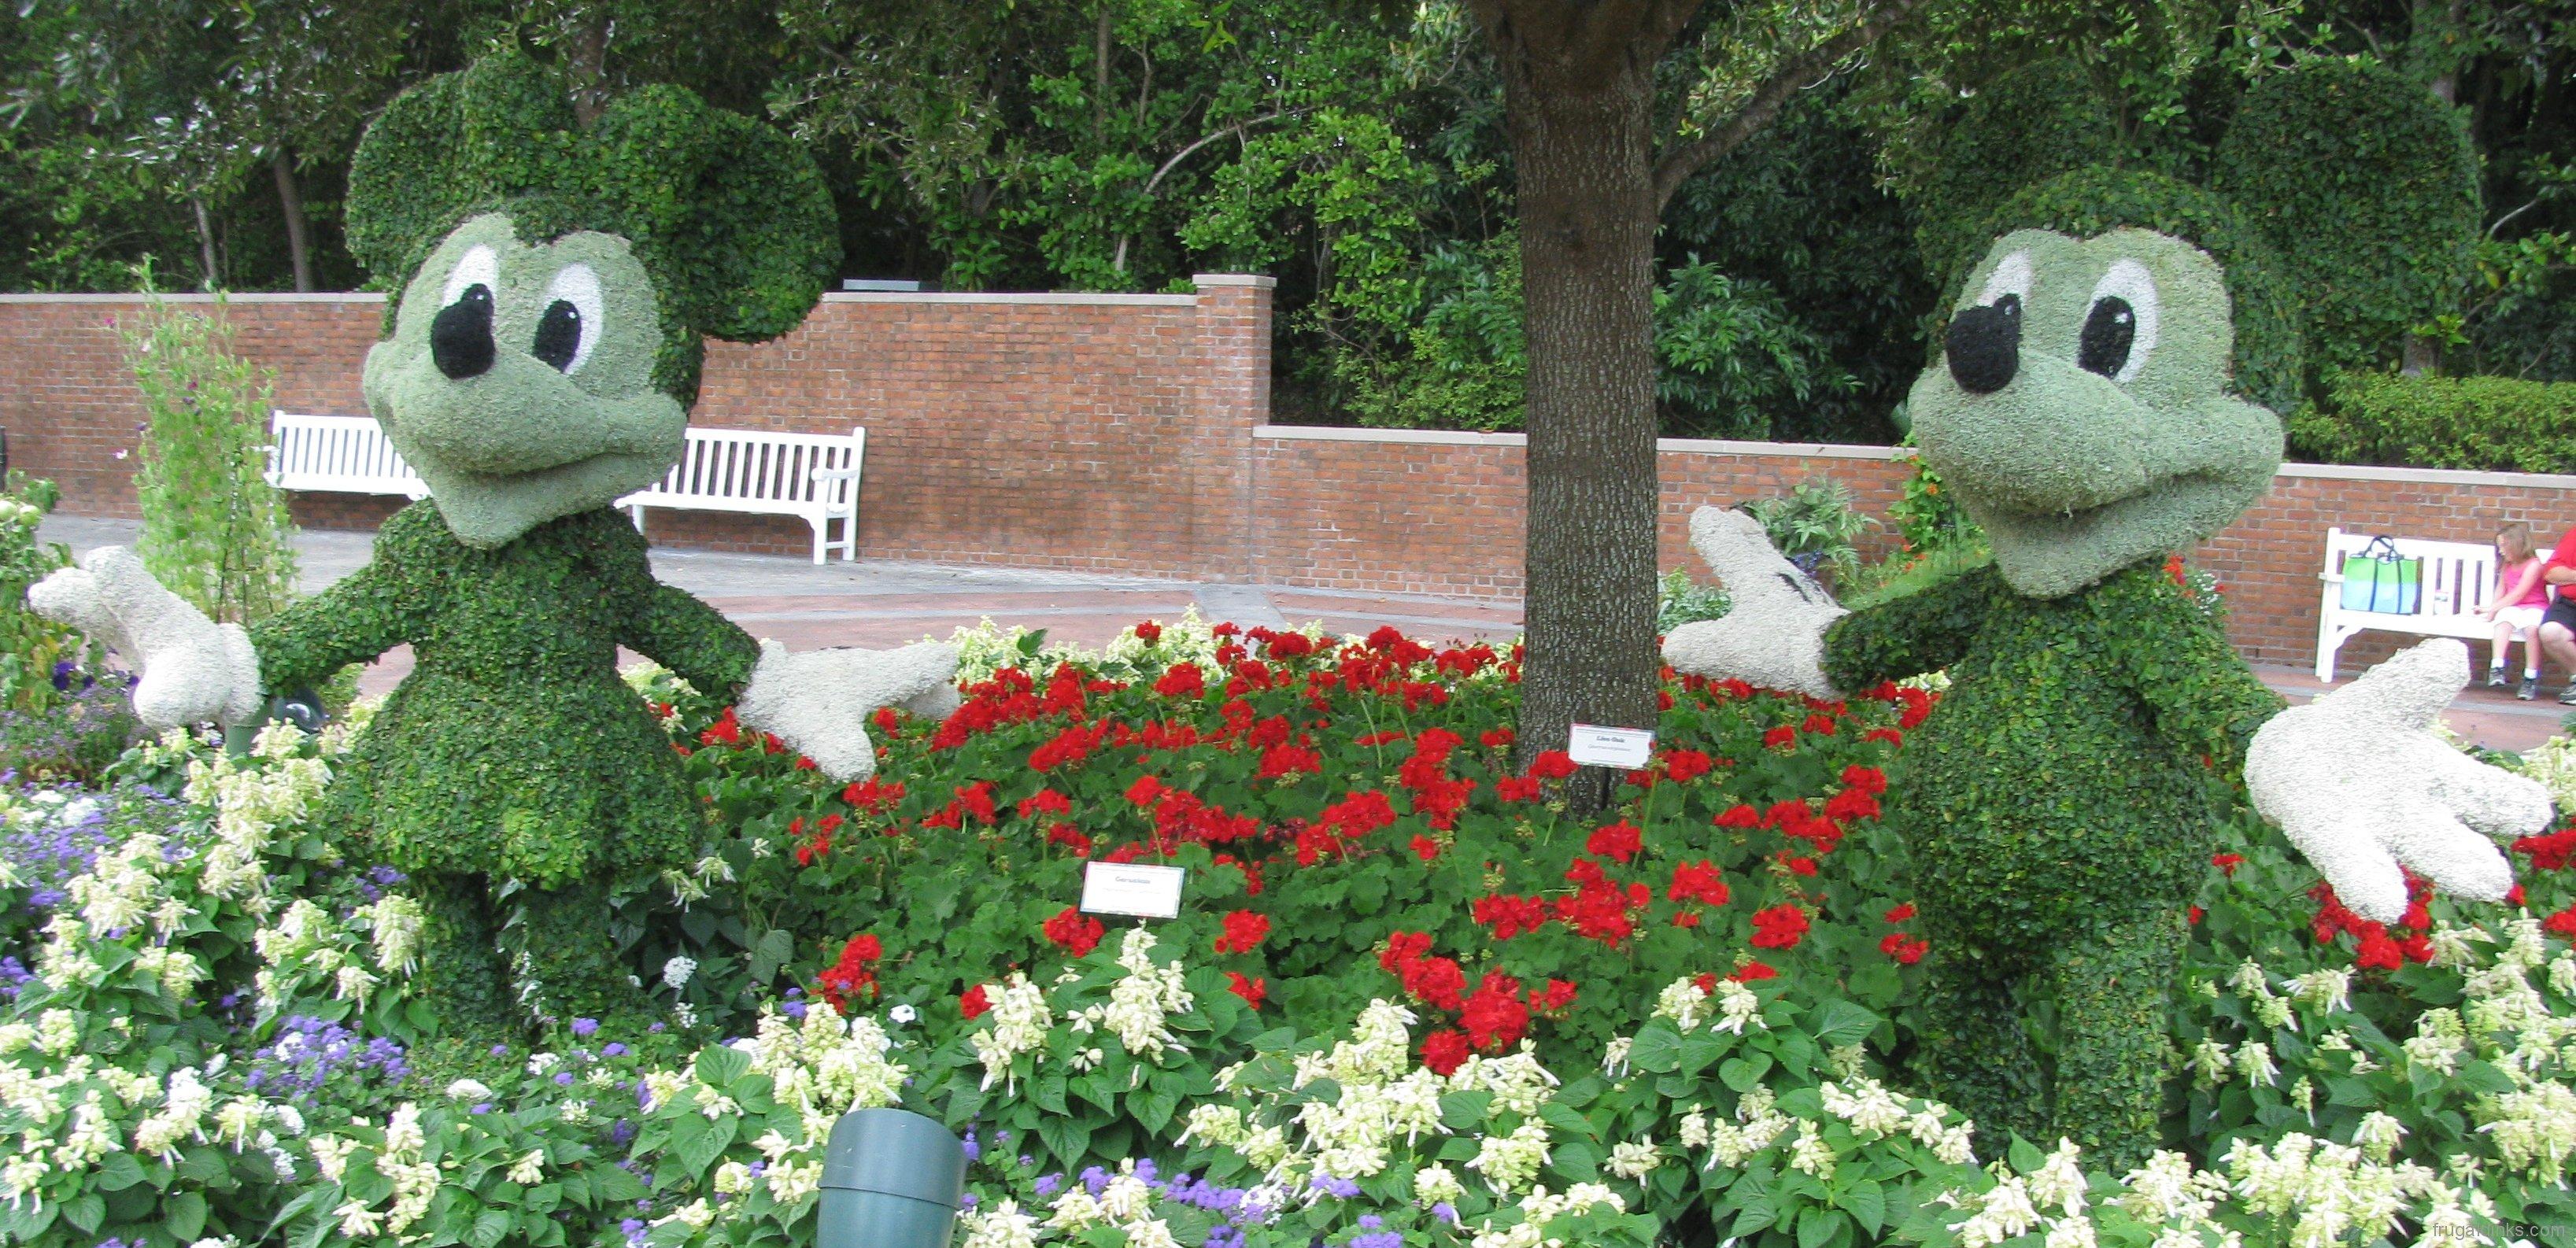 2011-epcot-flower-garden-festival-48